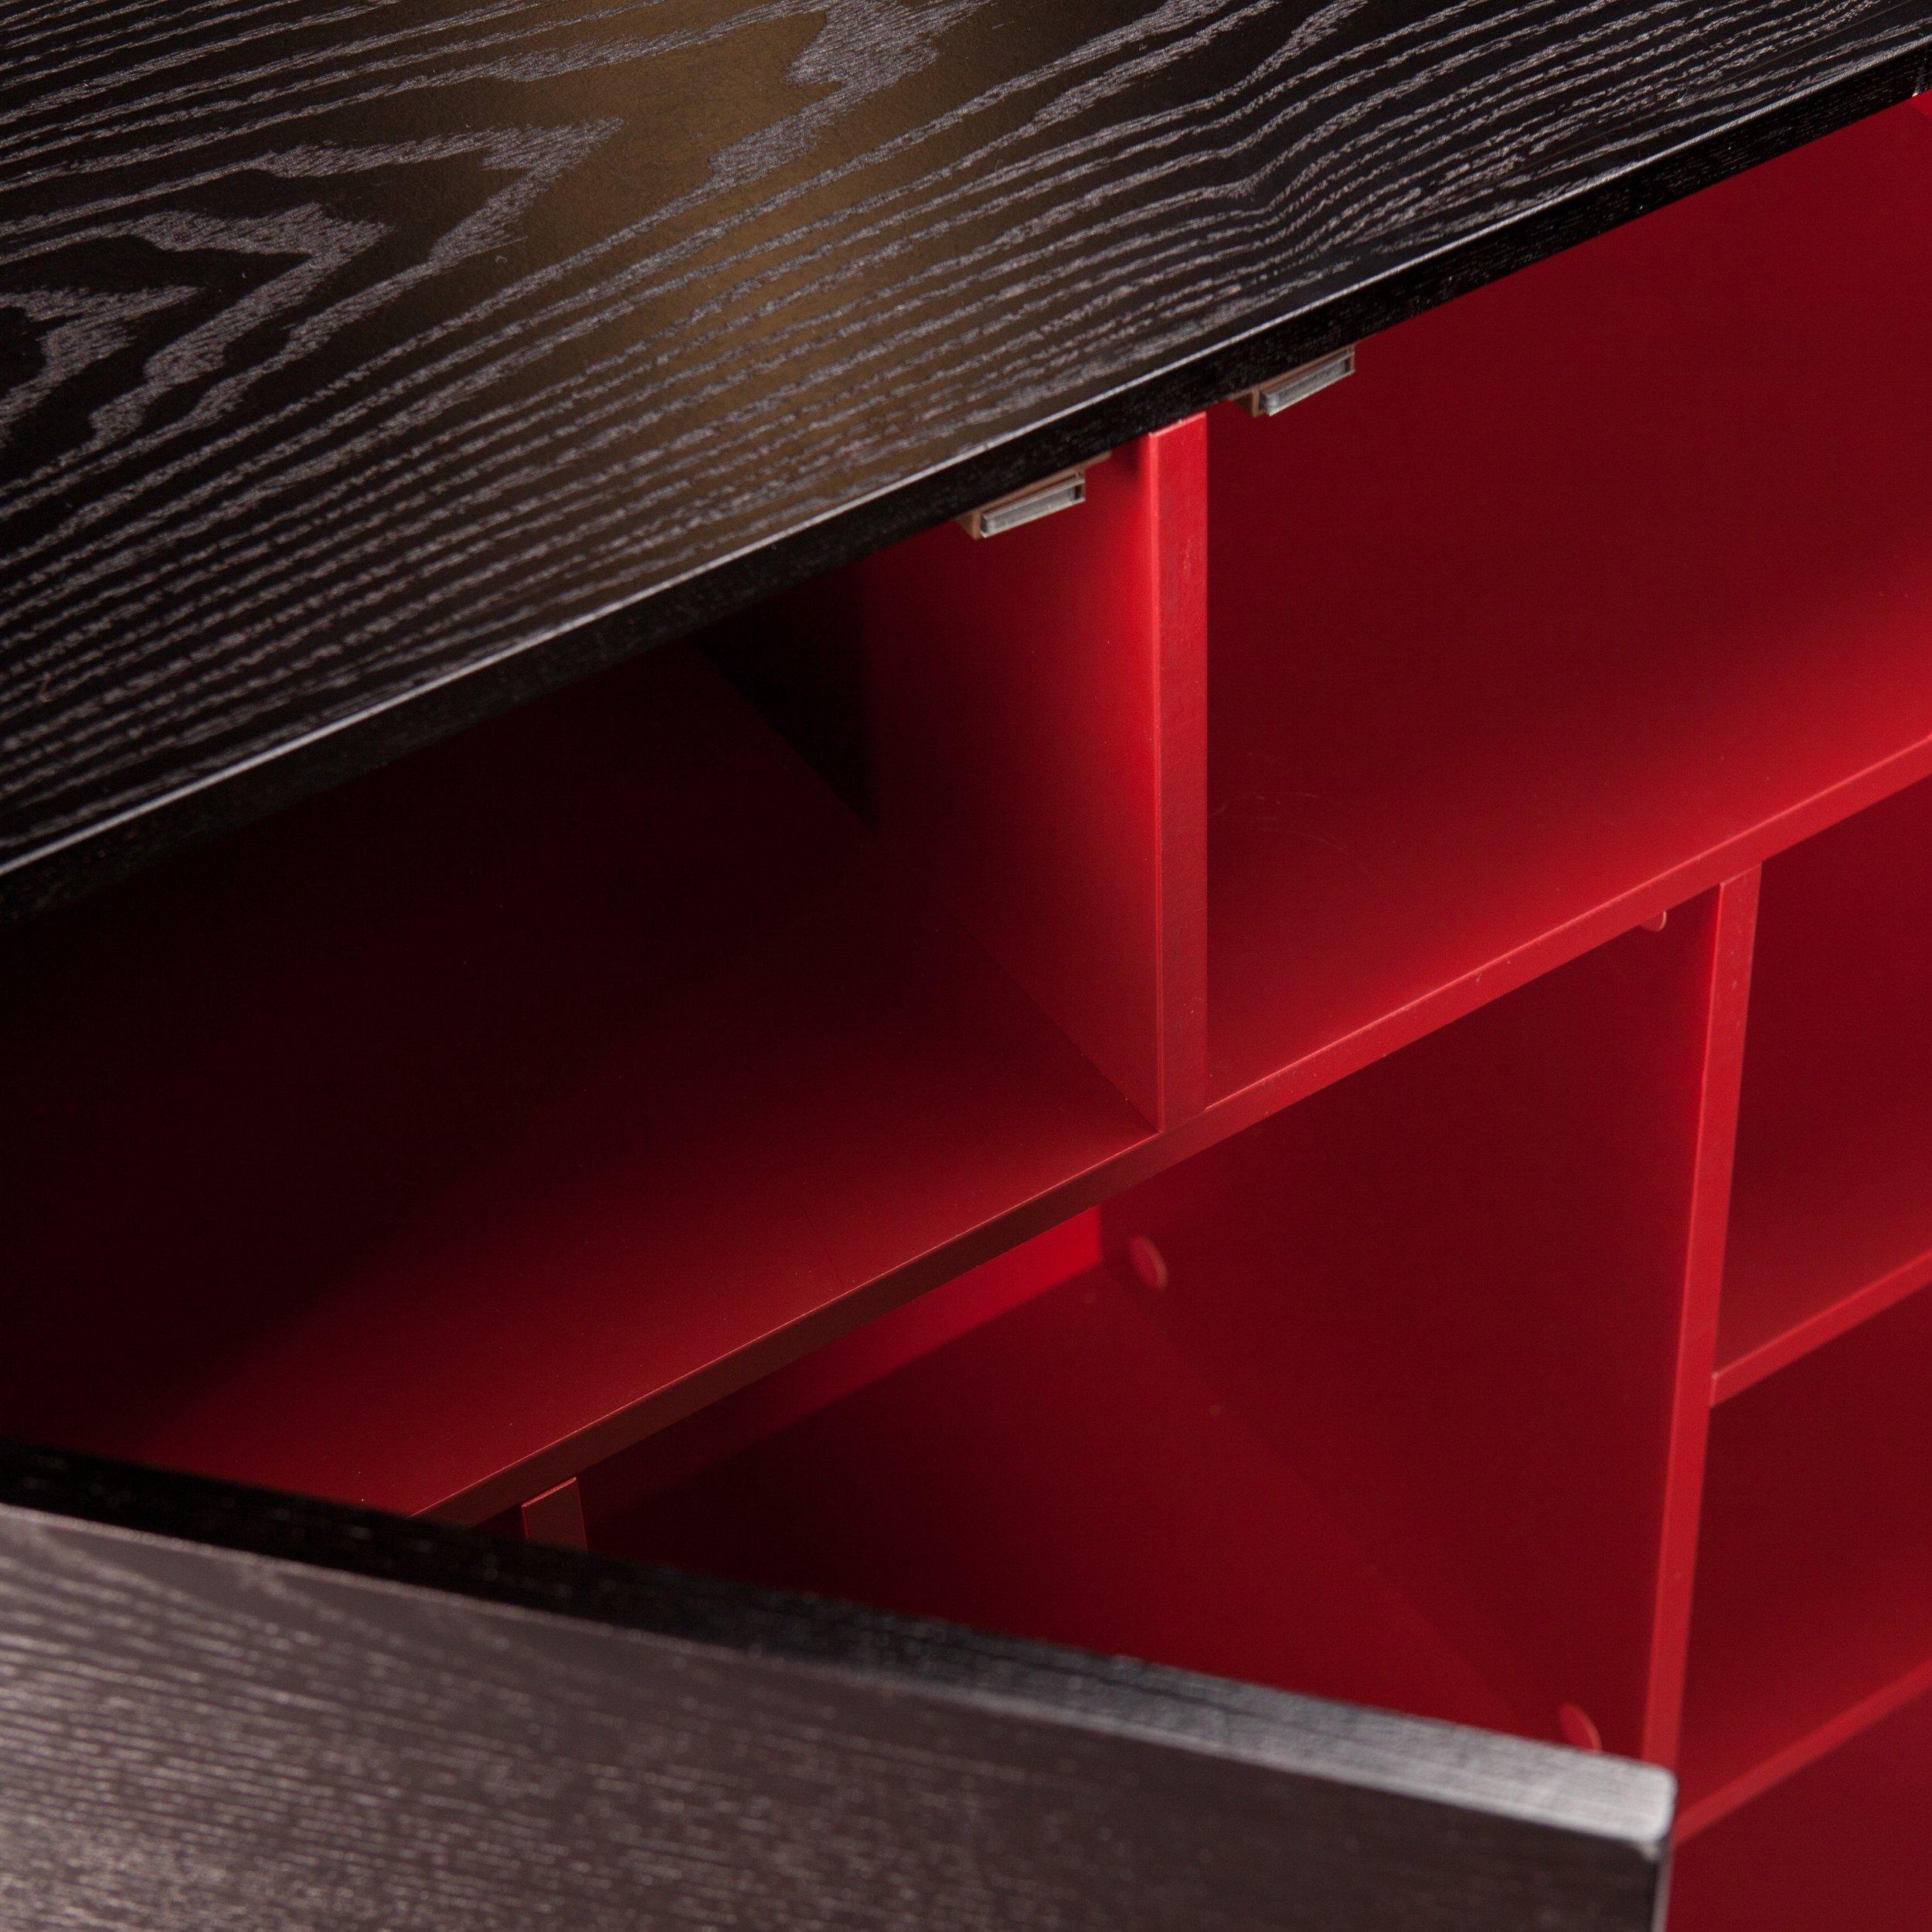 Southern Enterprises AMZ7401ZH Marc Bar Cabinet by Southern Enterprises (Image #7)